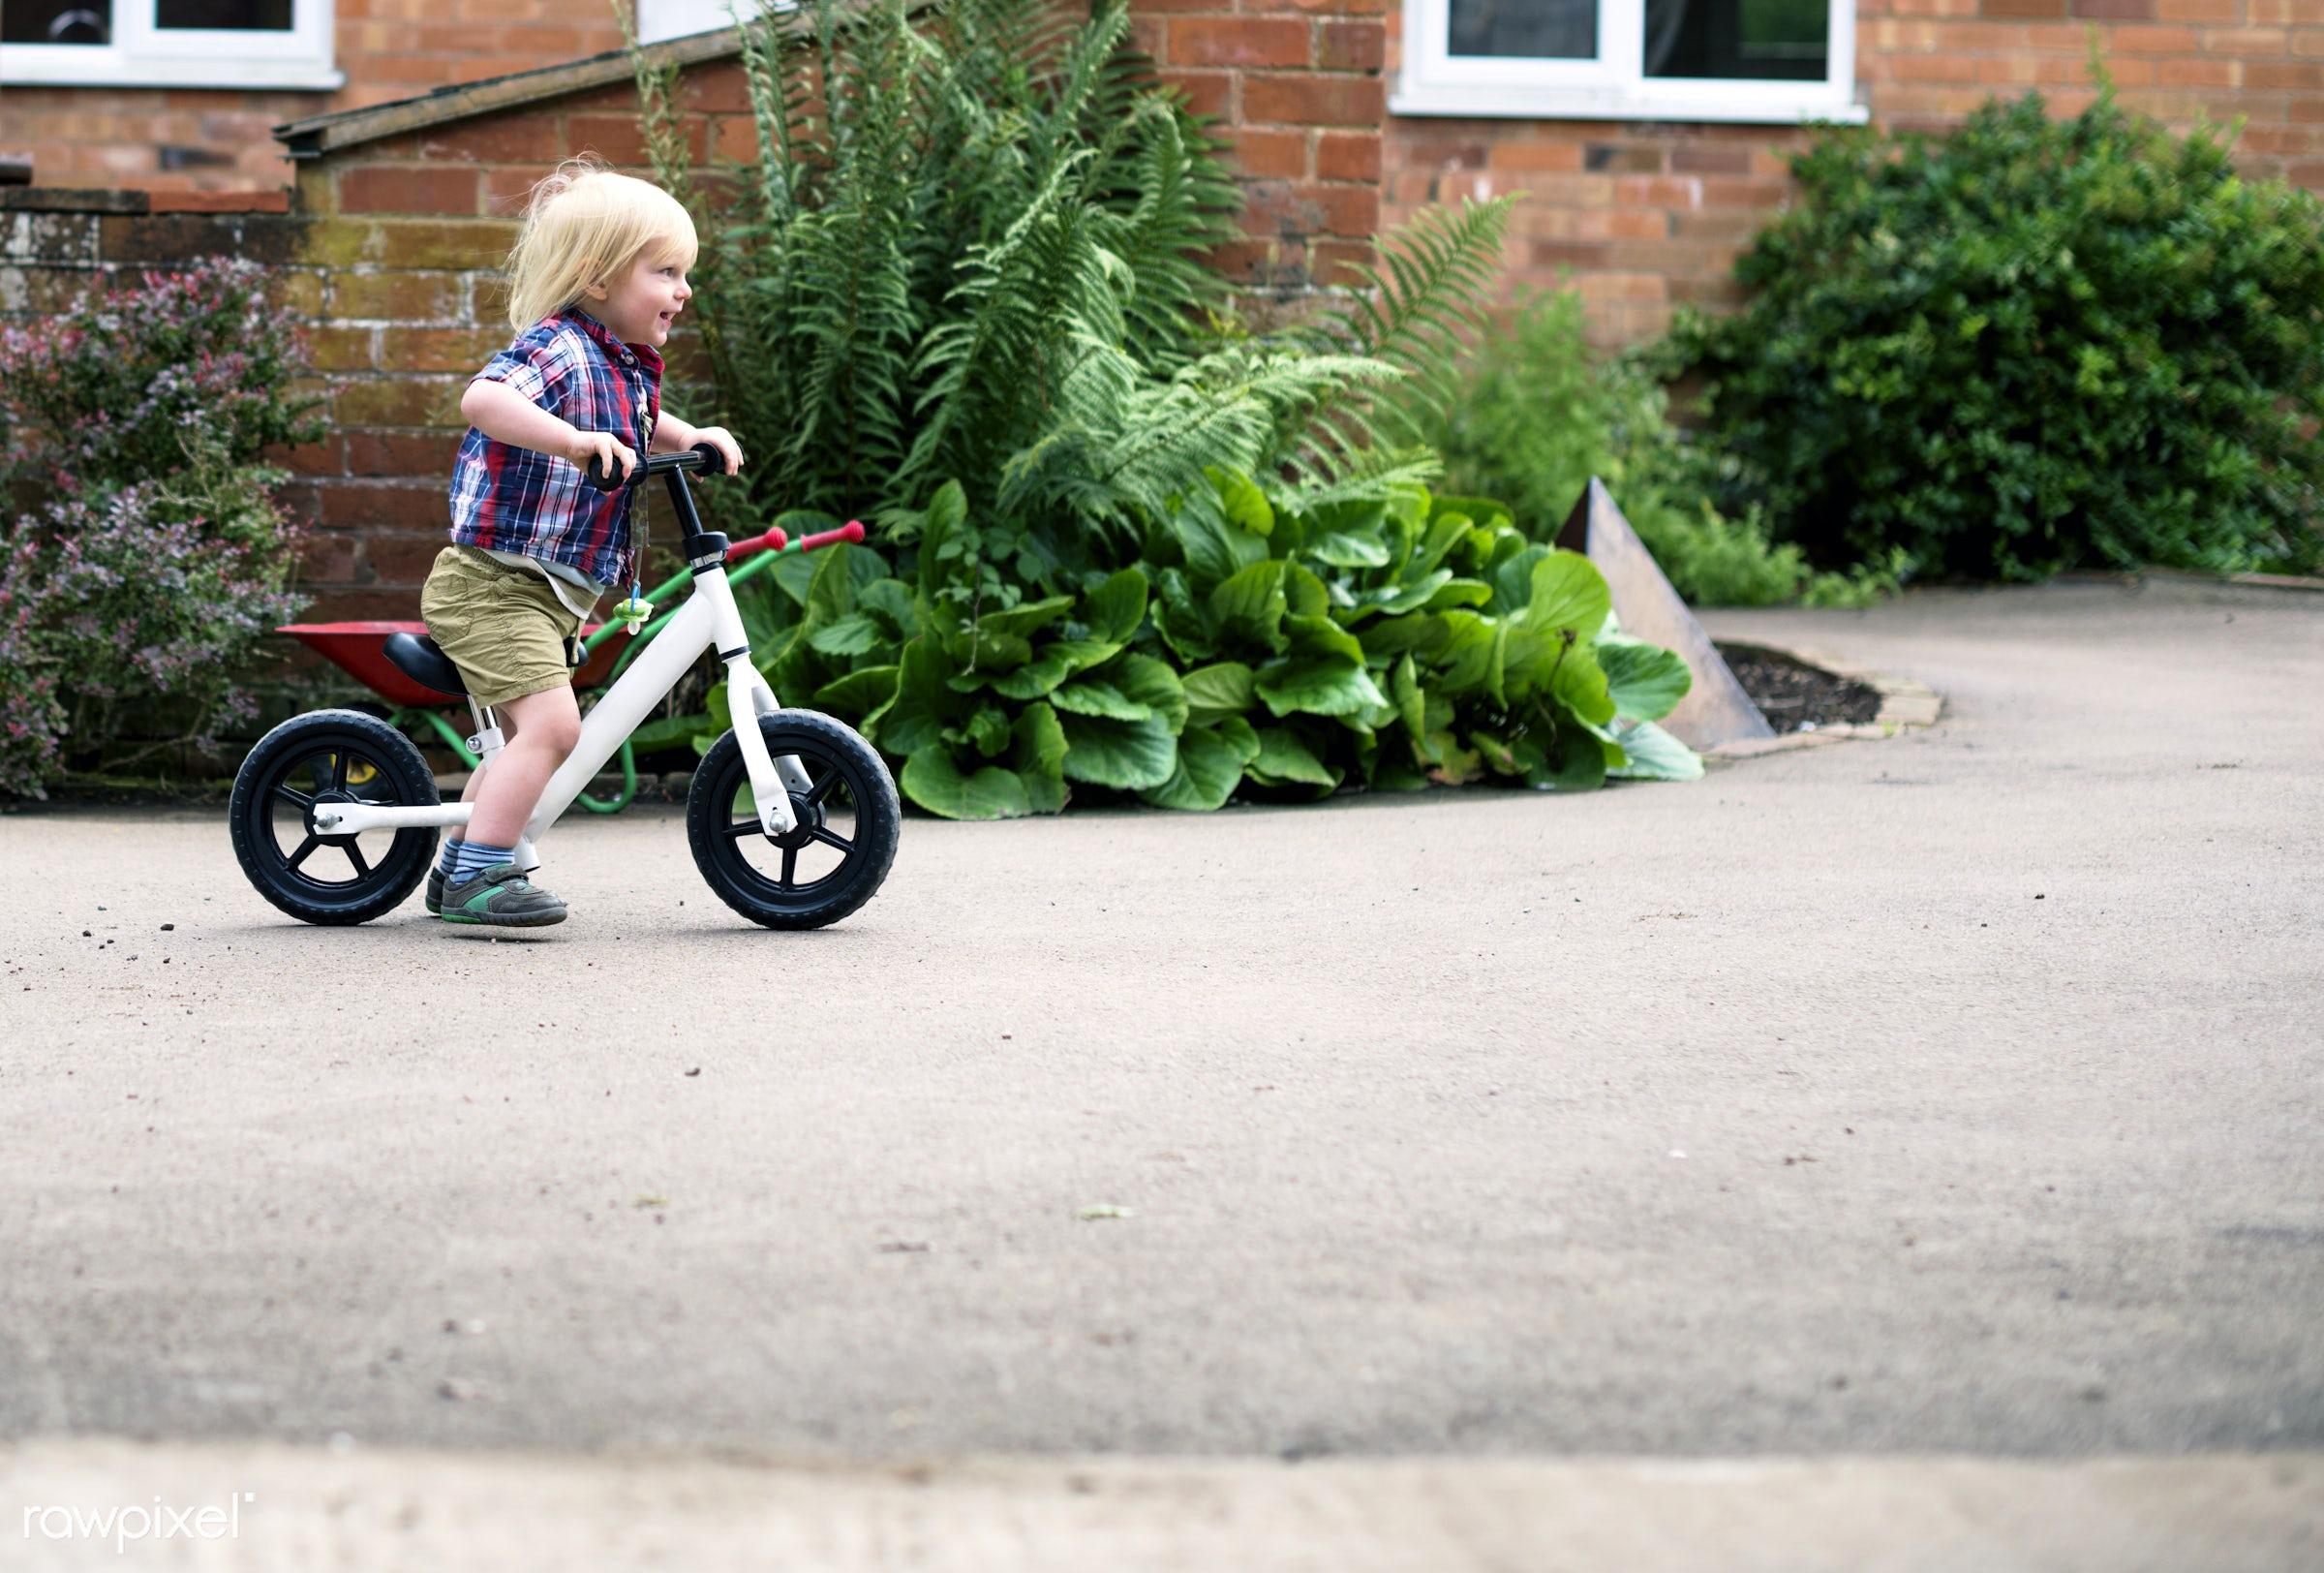 Kid in the garden - bike, activity, alone, bicycle, boy, child, childhood, children, development, garden, hobby, home, house...